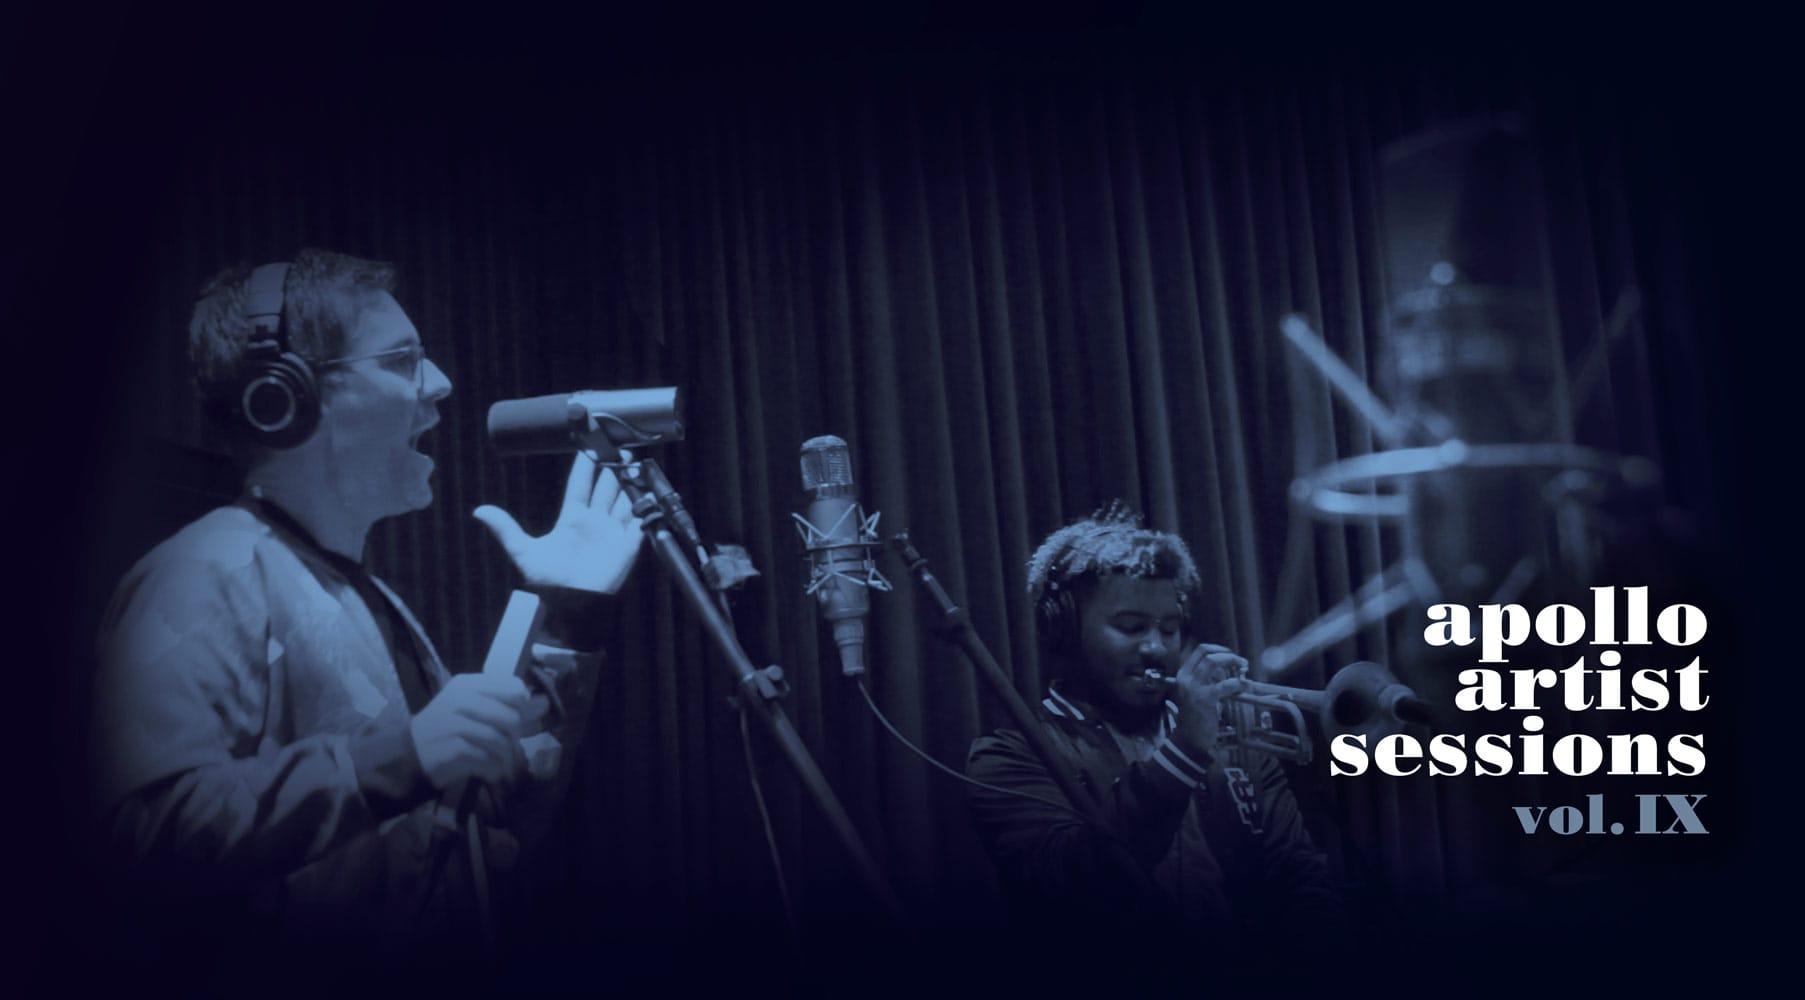 Apollo Artist Sessions Vol. IX: Jacquire King & JamieLidell